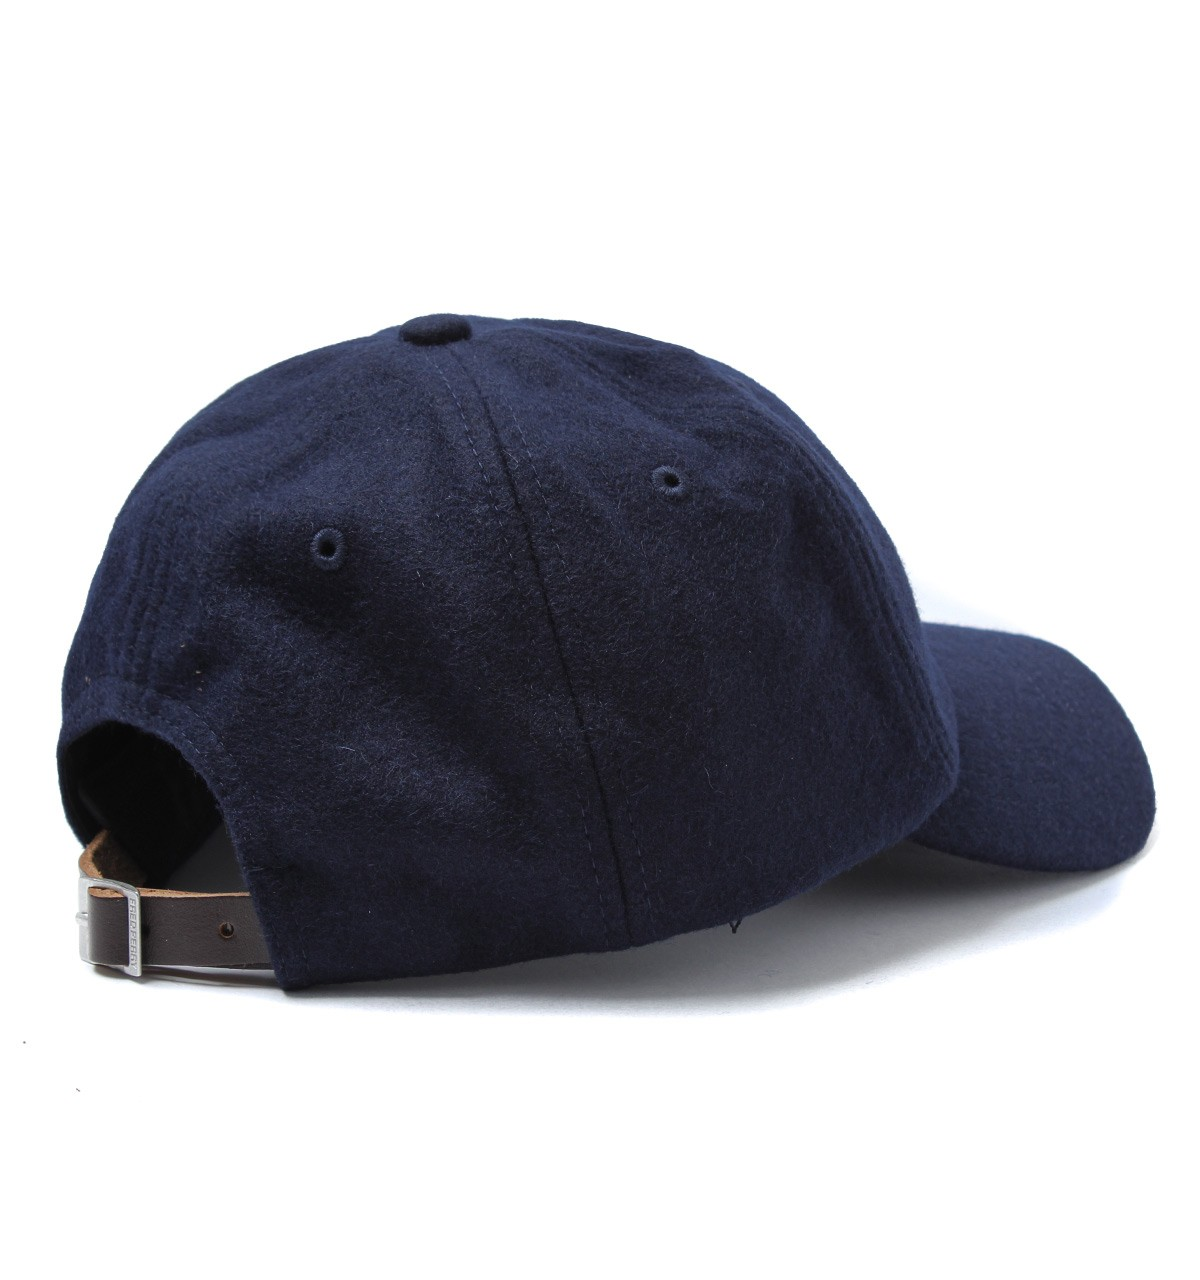 Vintage Baseball Snapbacks | Wool Baseball Cap | Cashmere Baseball Hat